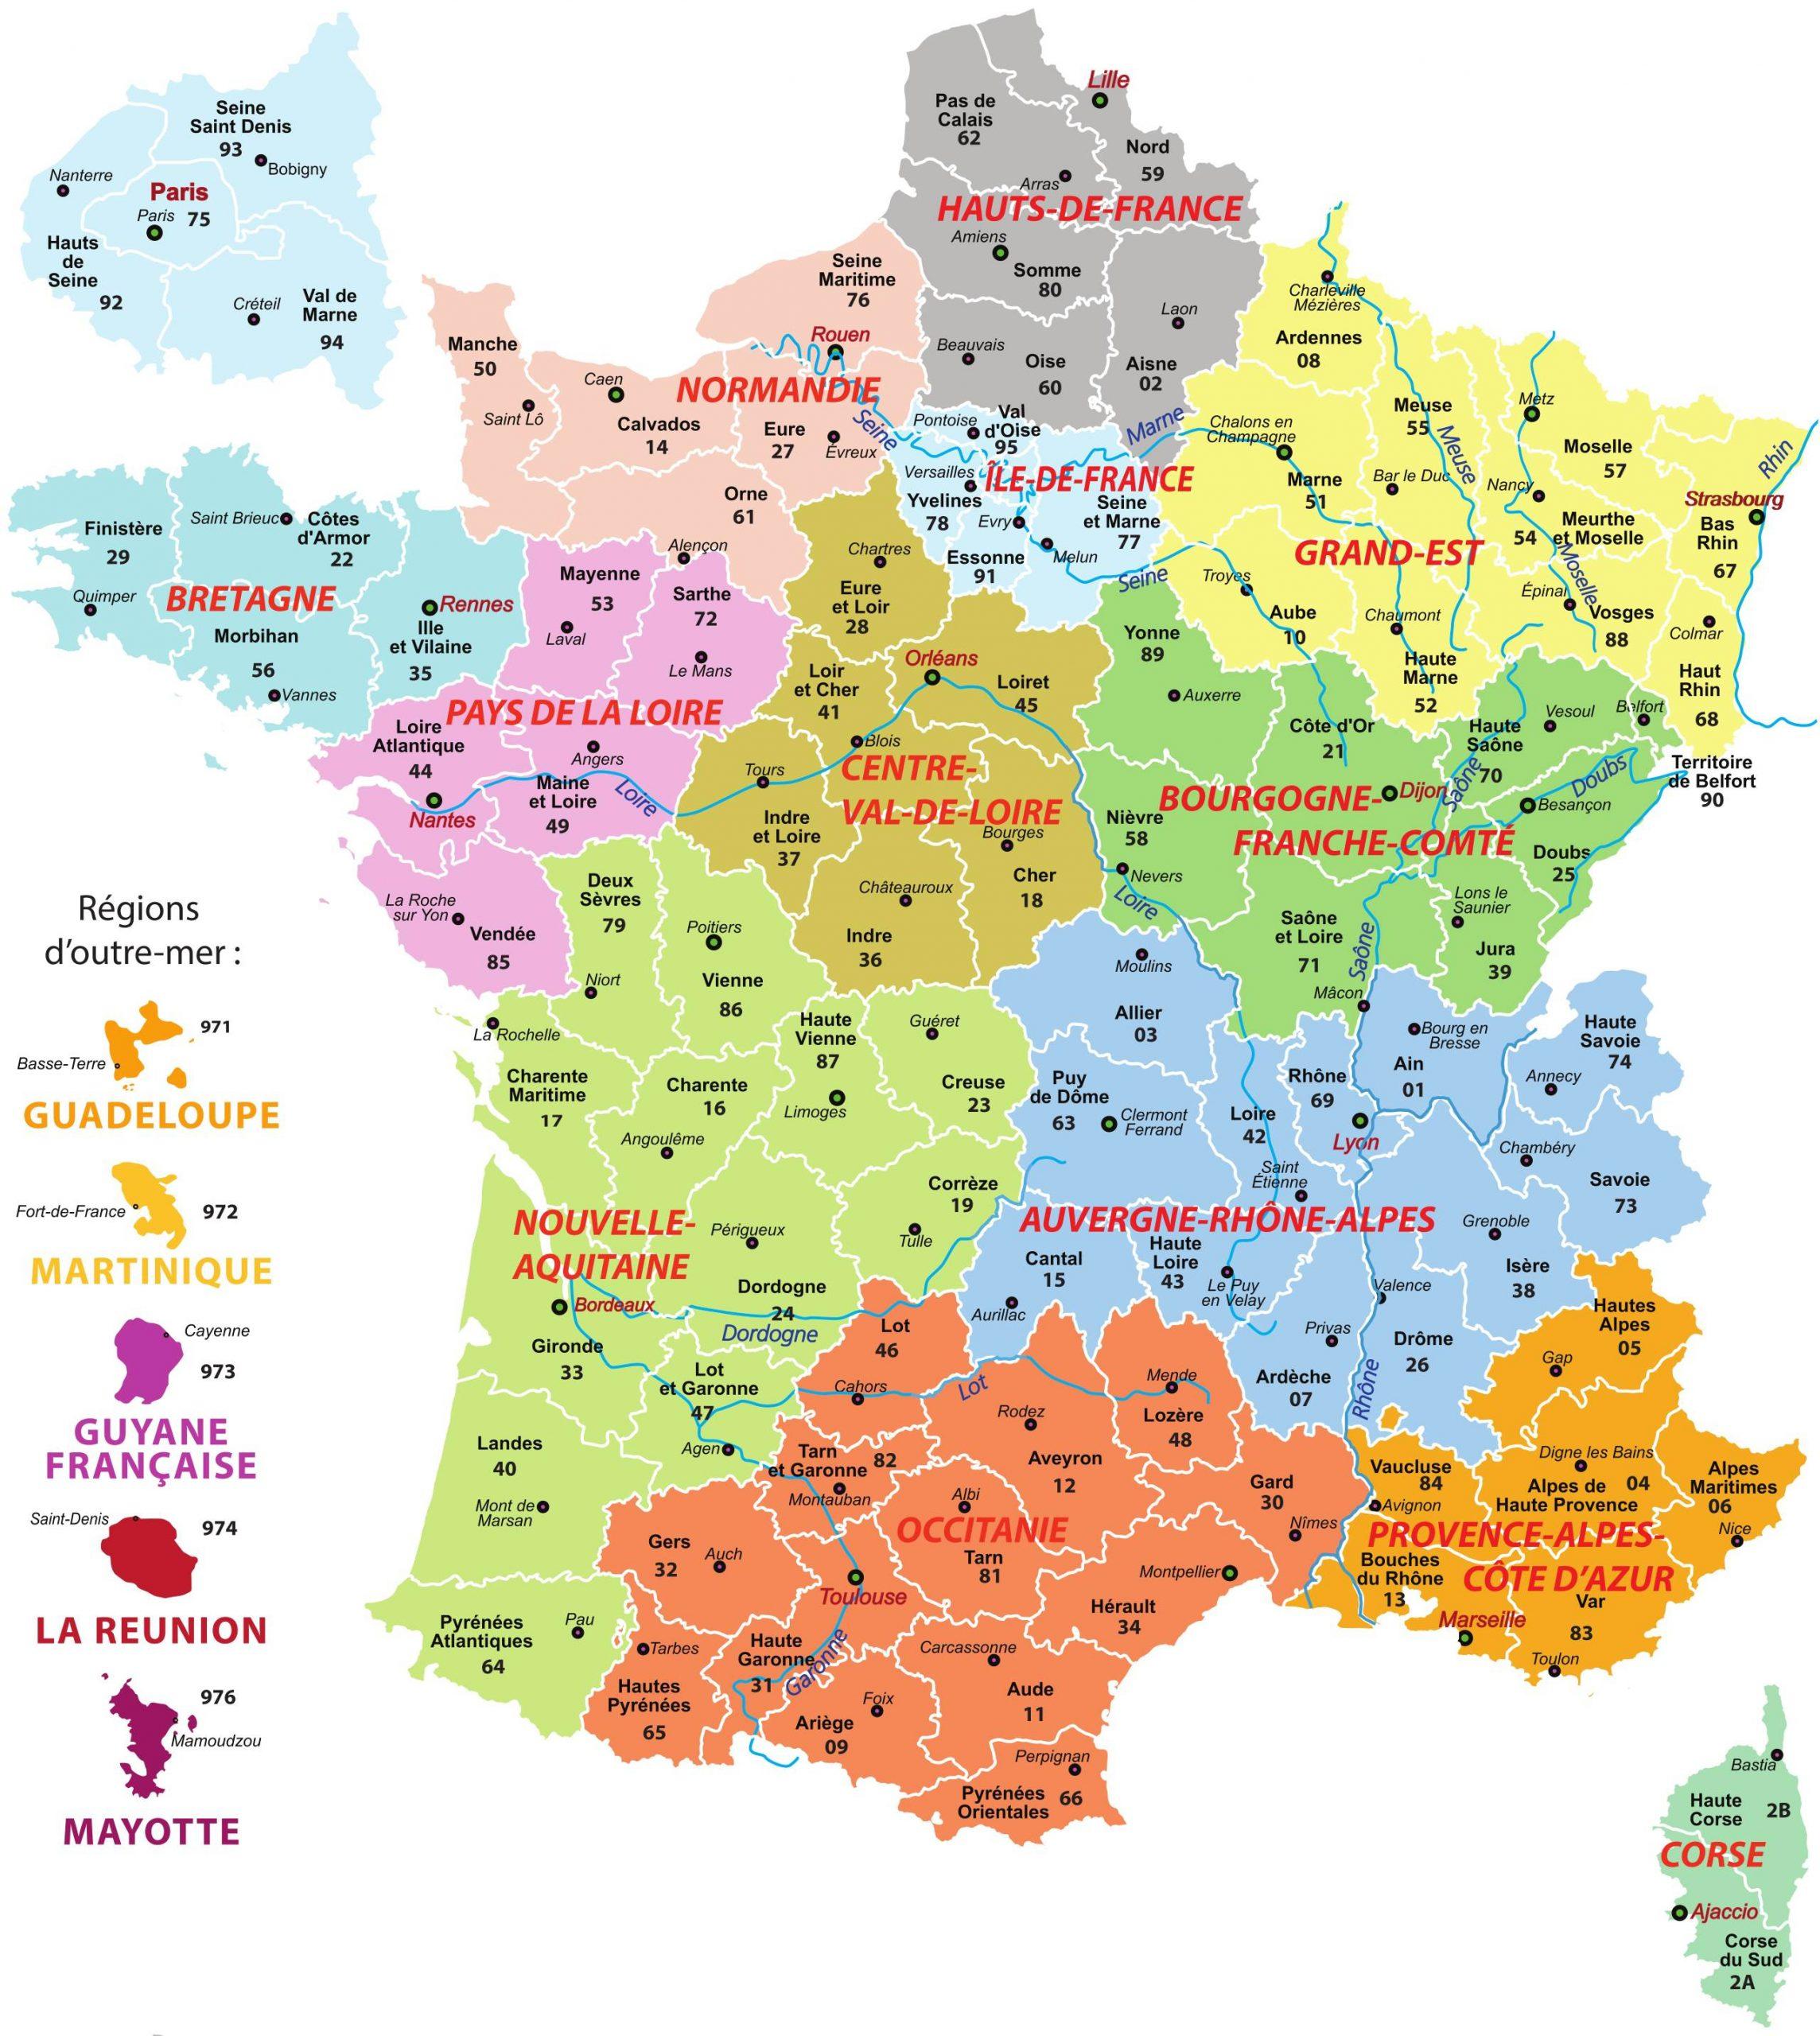 Cartes De France : Cartes Des Régions, Départements Et concernant Carte Numero Departement